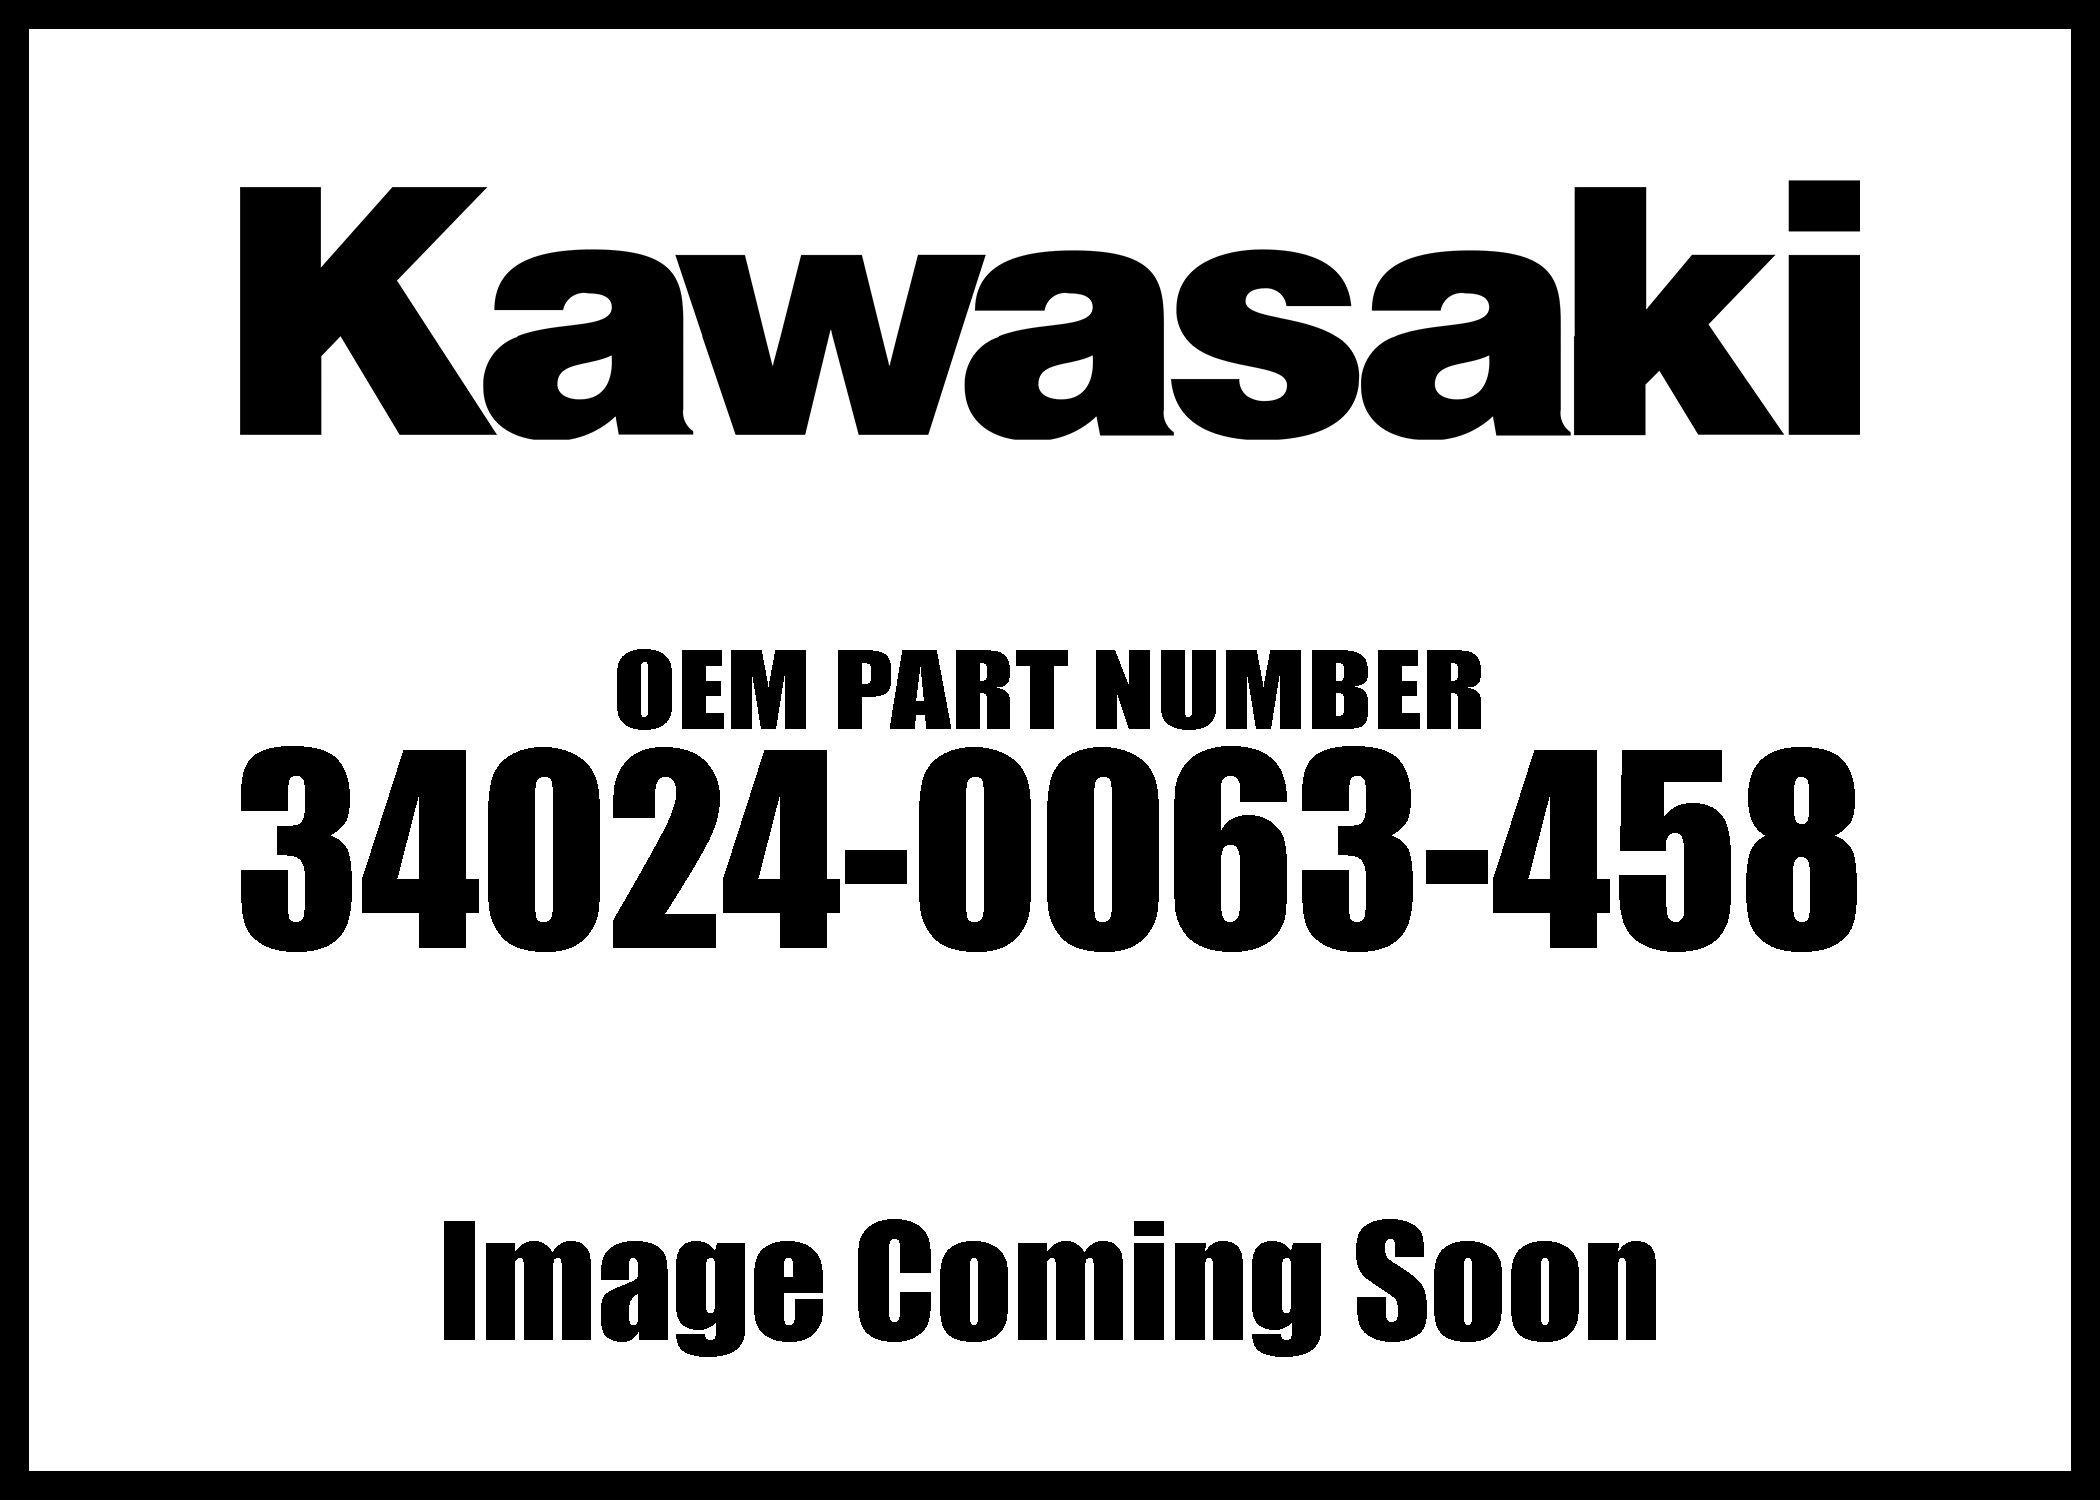 Kawasaki 2008-2018 Klx140l Side P Silver Stand 34024-0063-458 New Oem